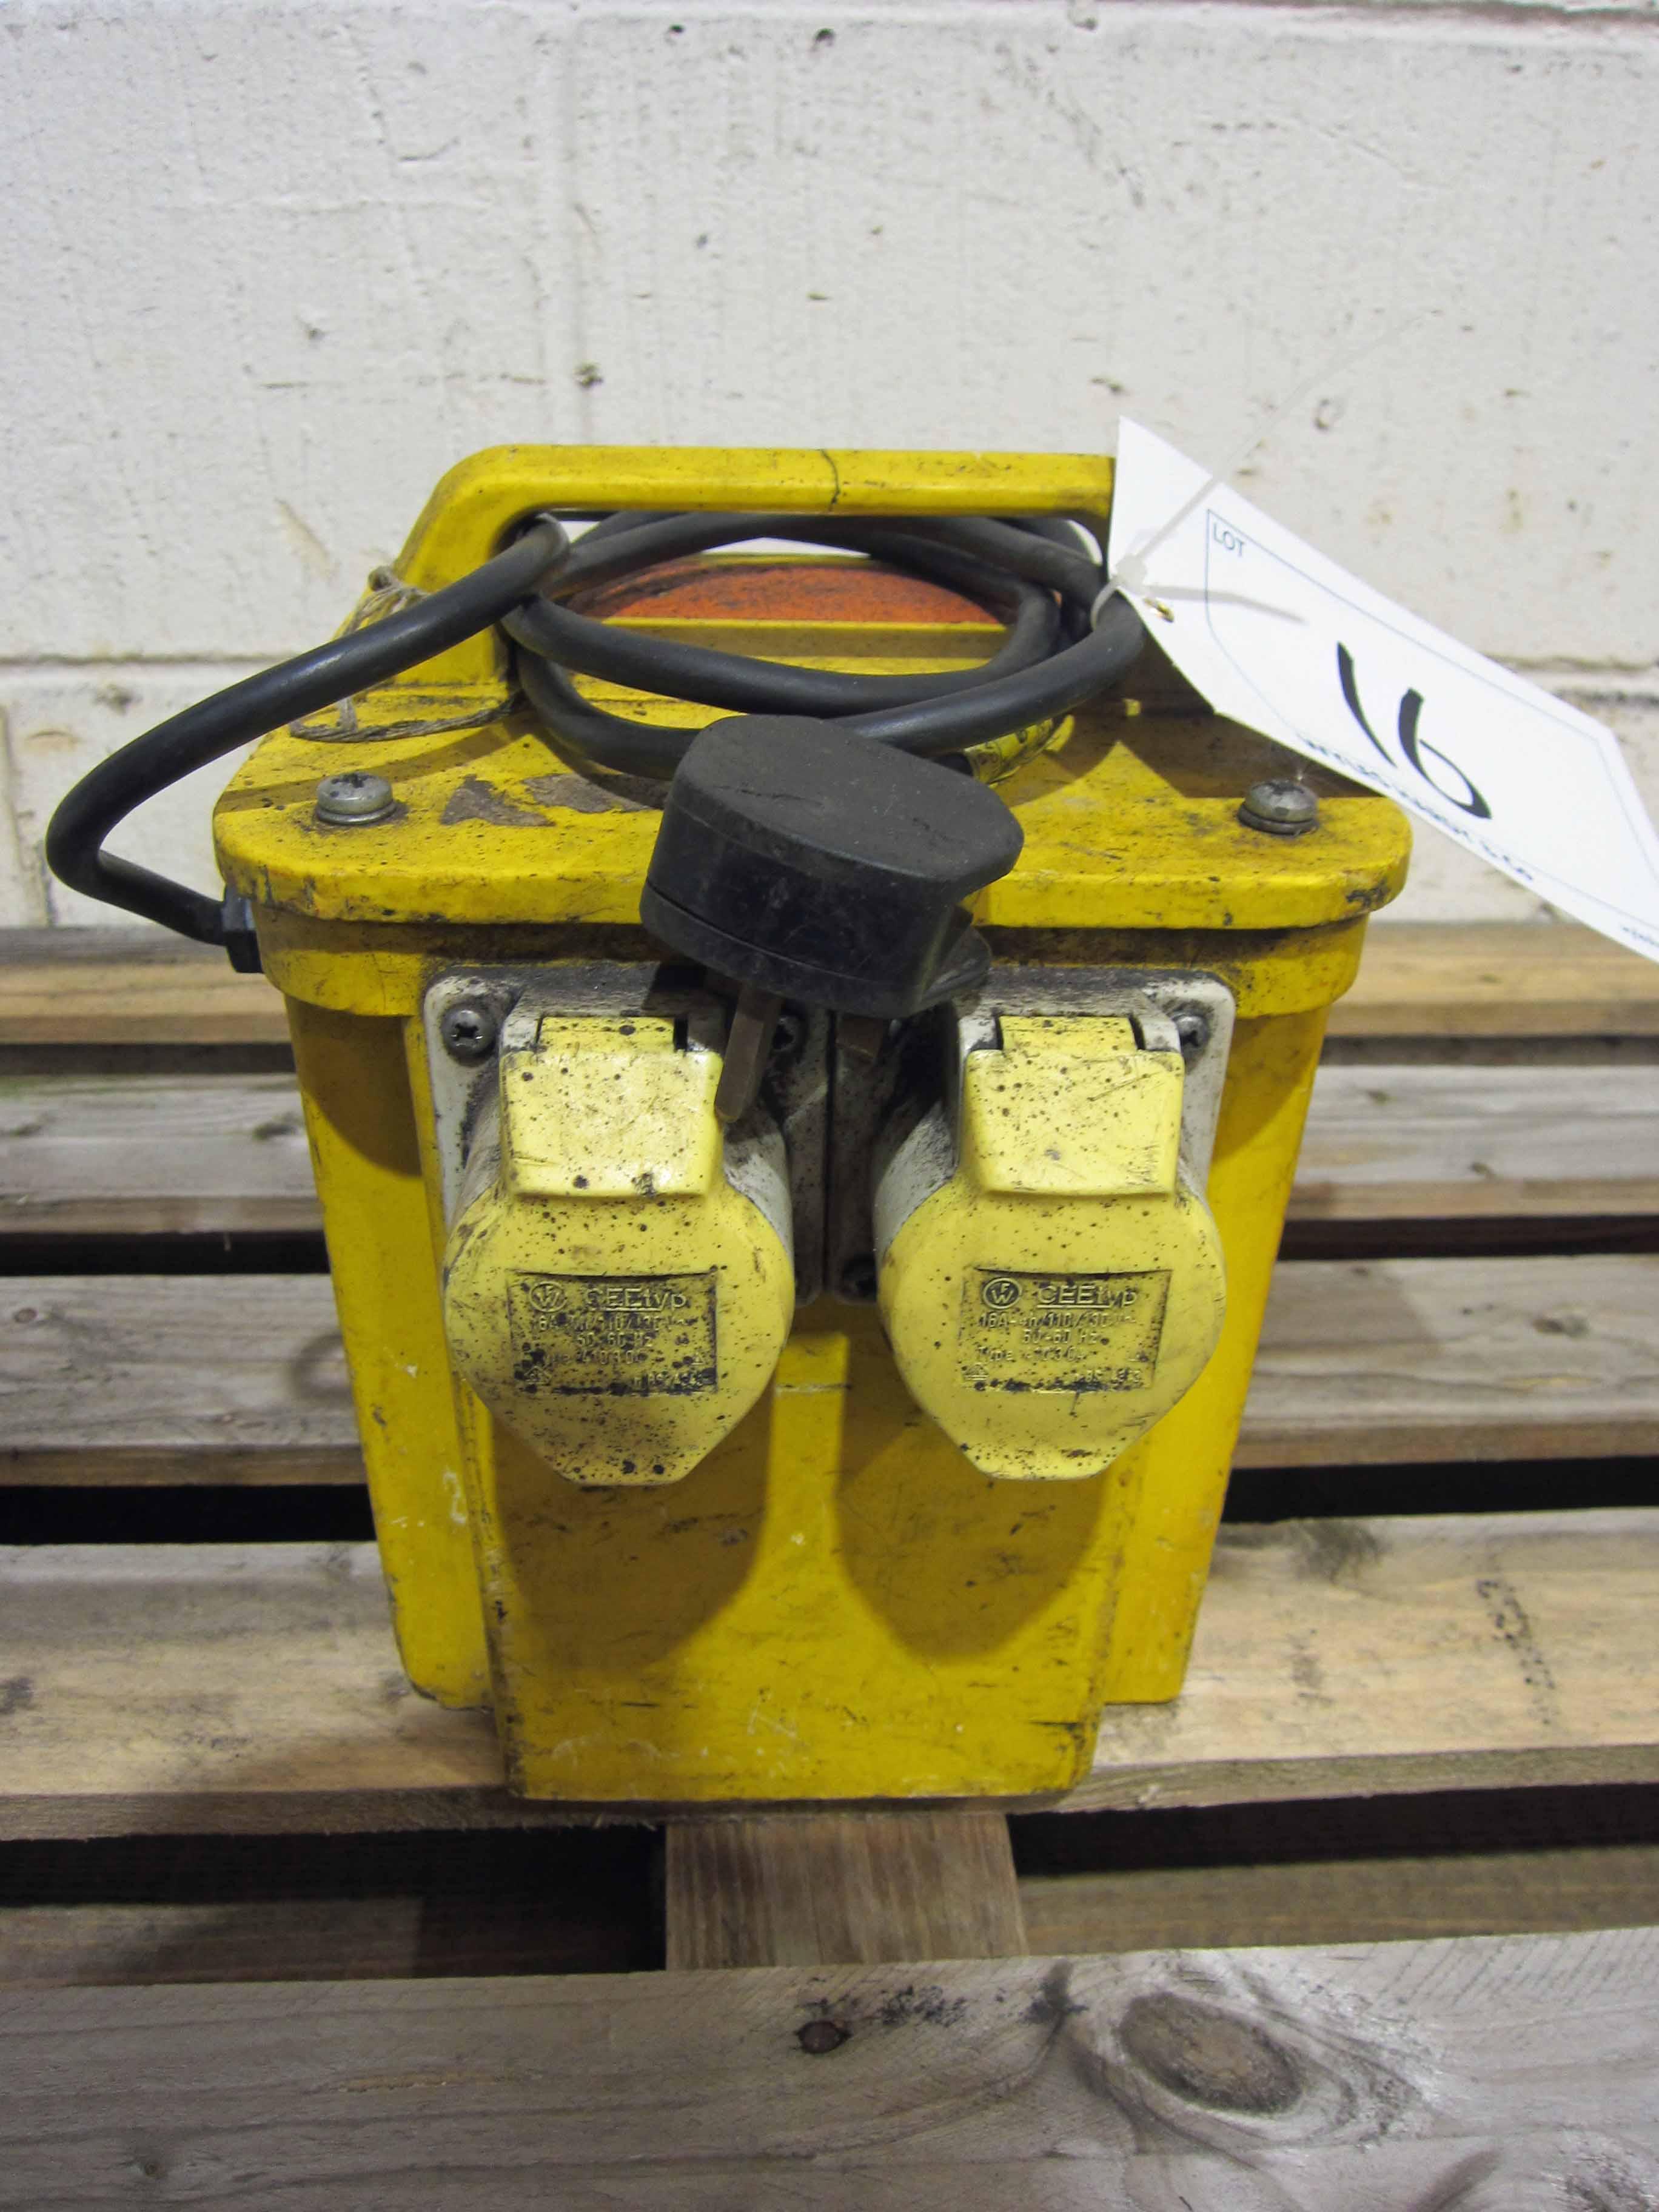 A 2-Outlet 110V Site Transformer - Image 2 of 2